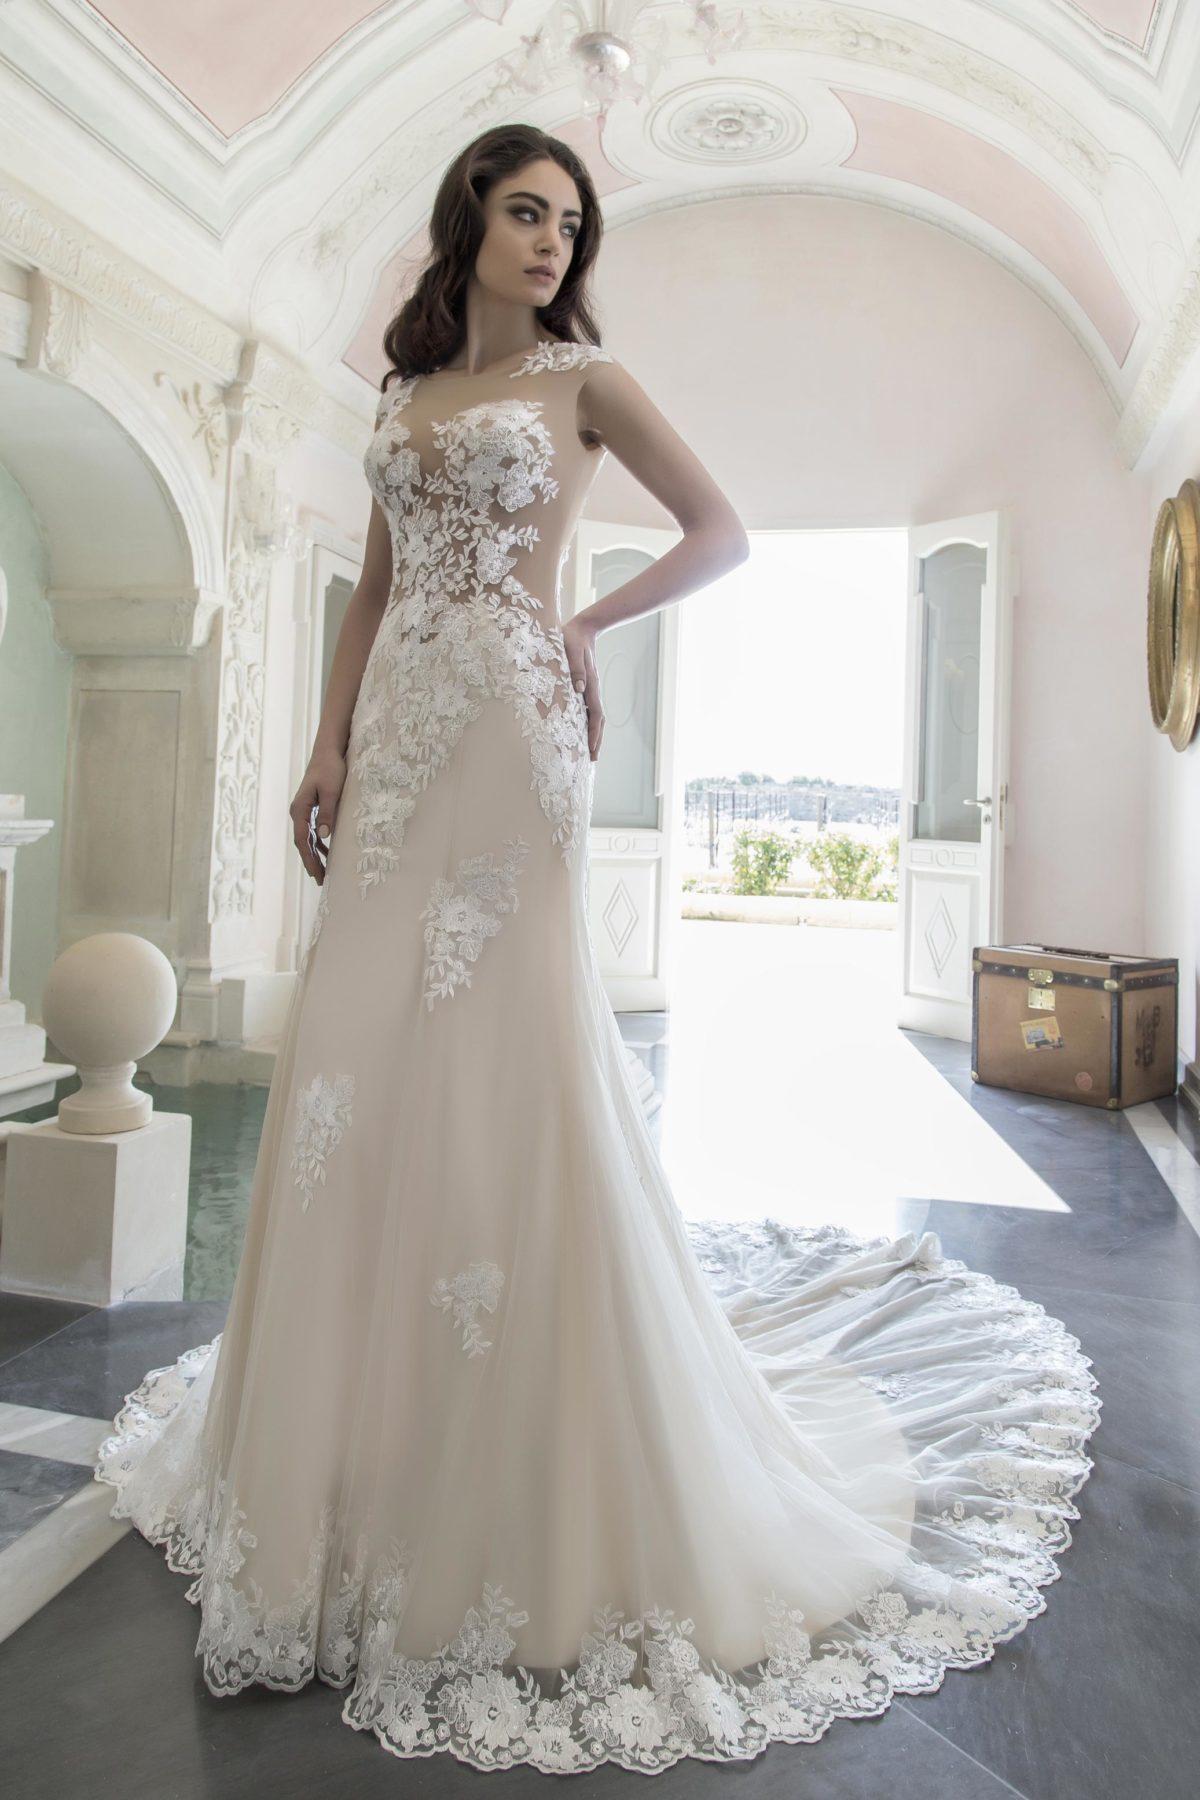 2a0e0eb0275c Abiti da sposa - Centro Sposi Cologno - outfit per la sposa fashion